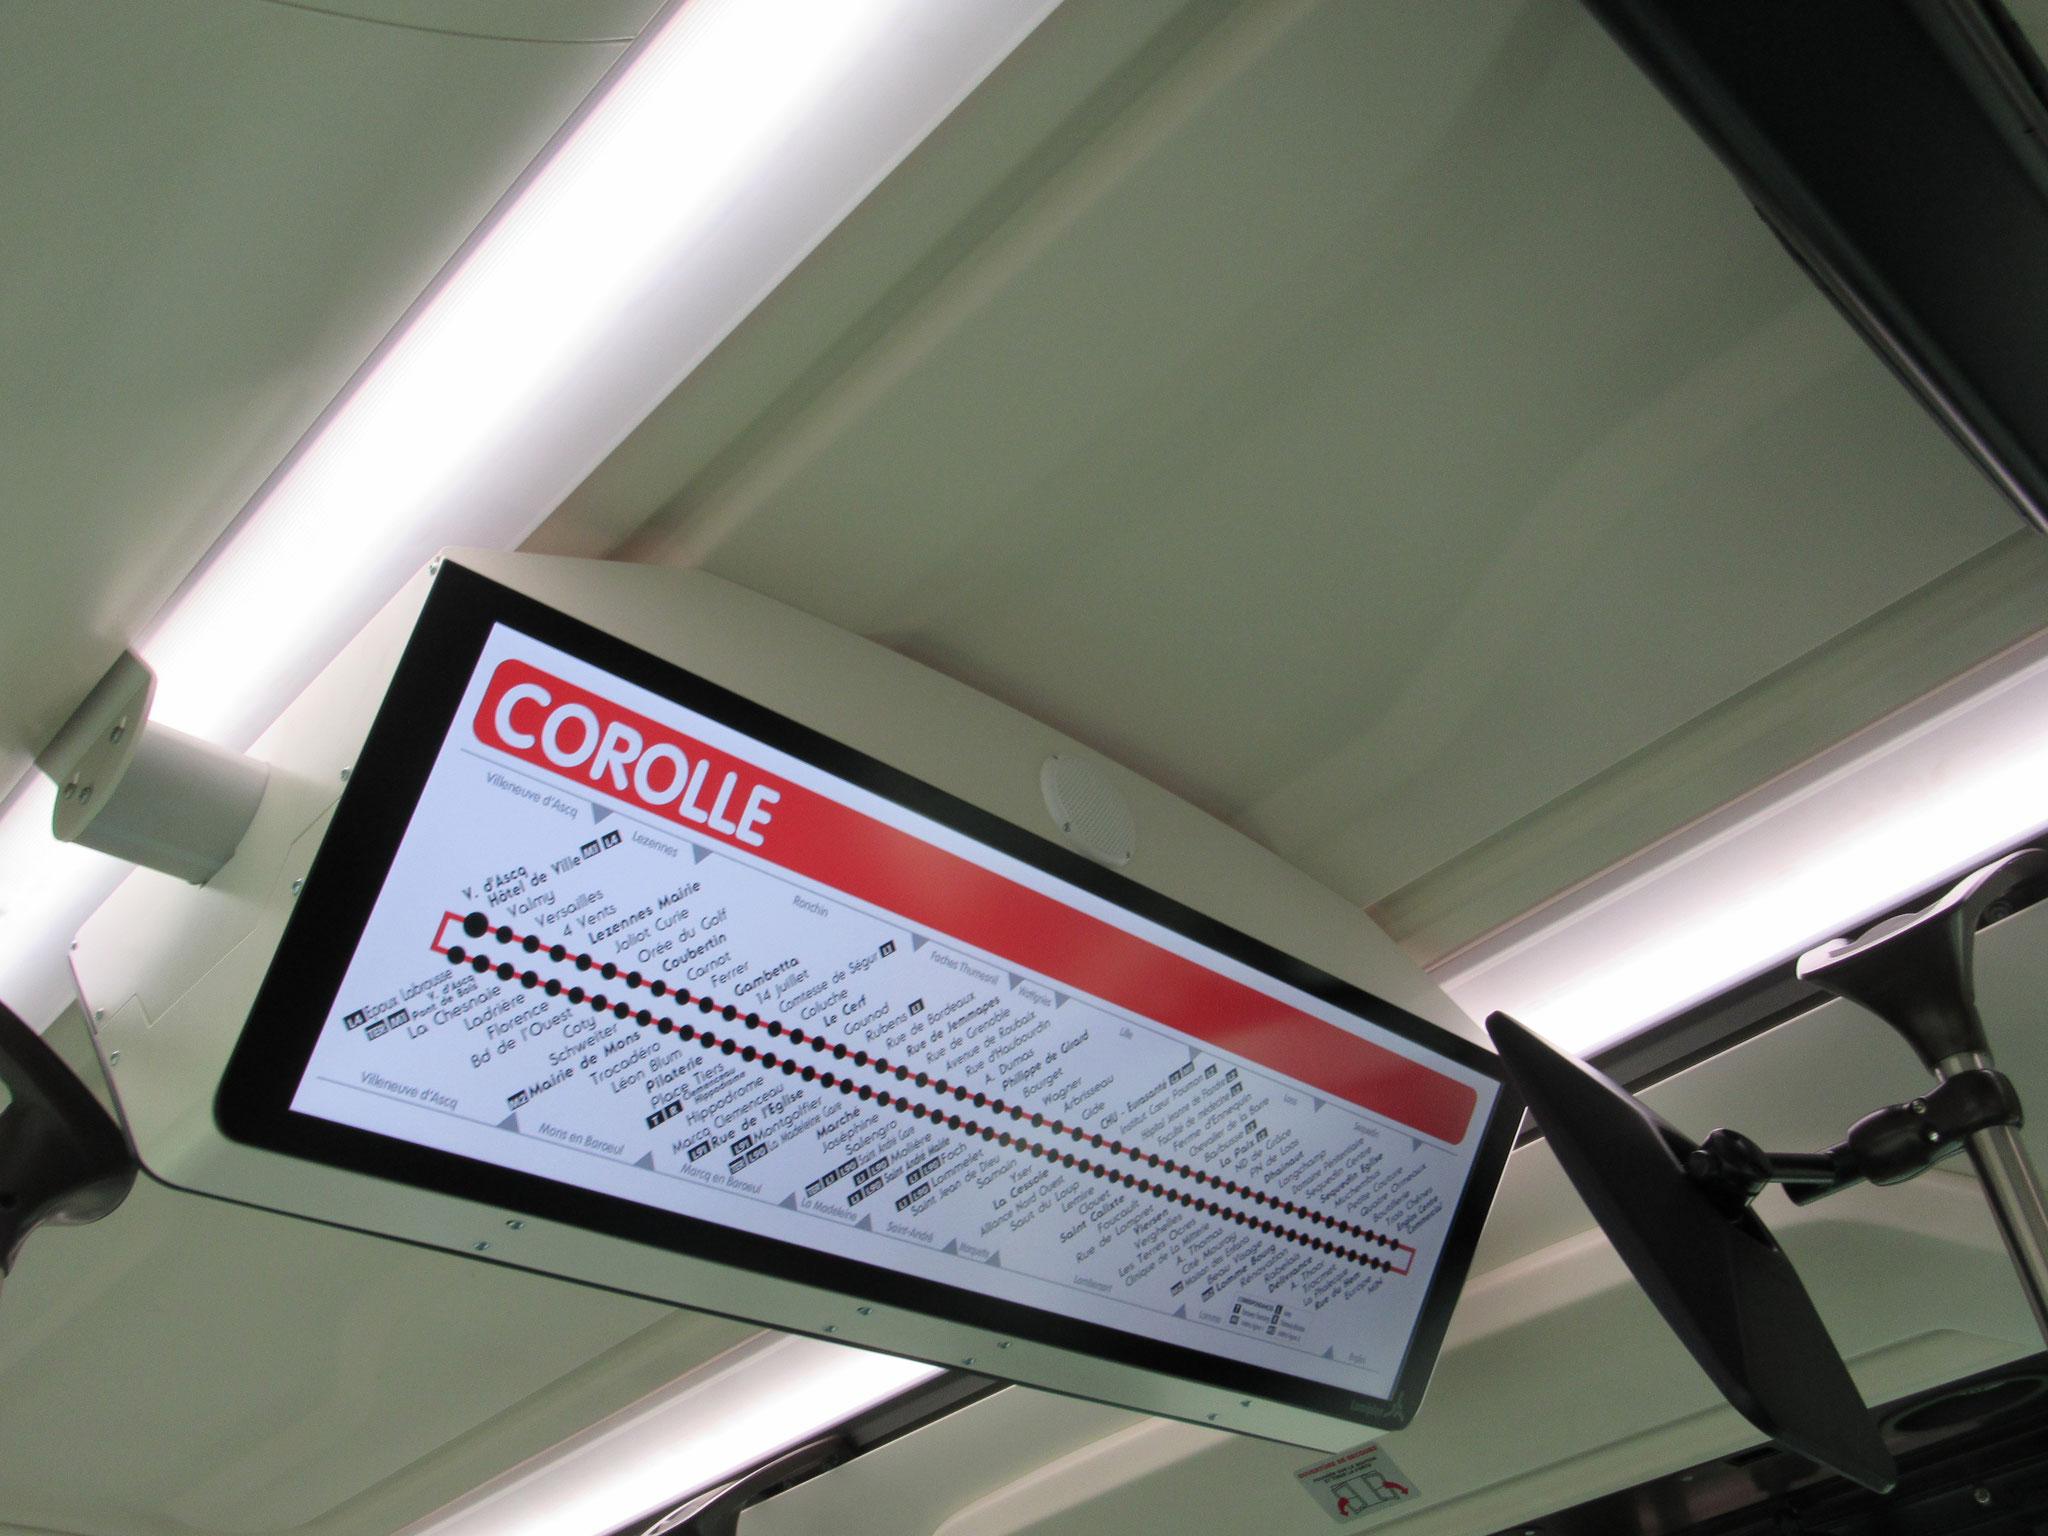 Écran Lumiplan présent dans le bus 10413